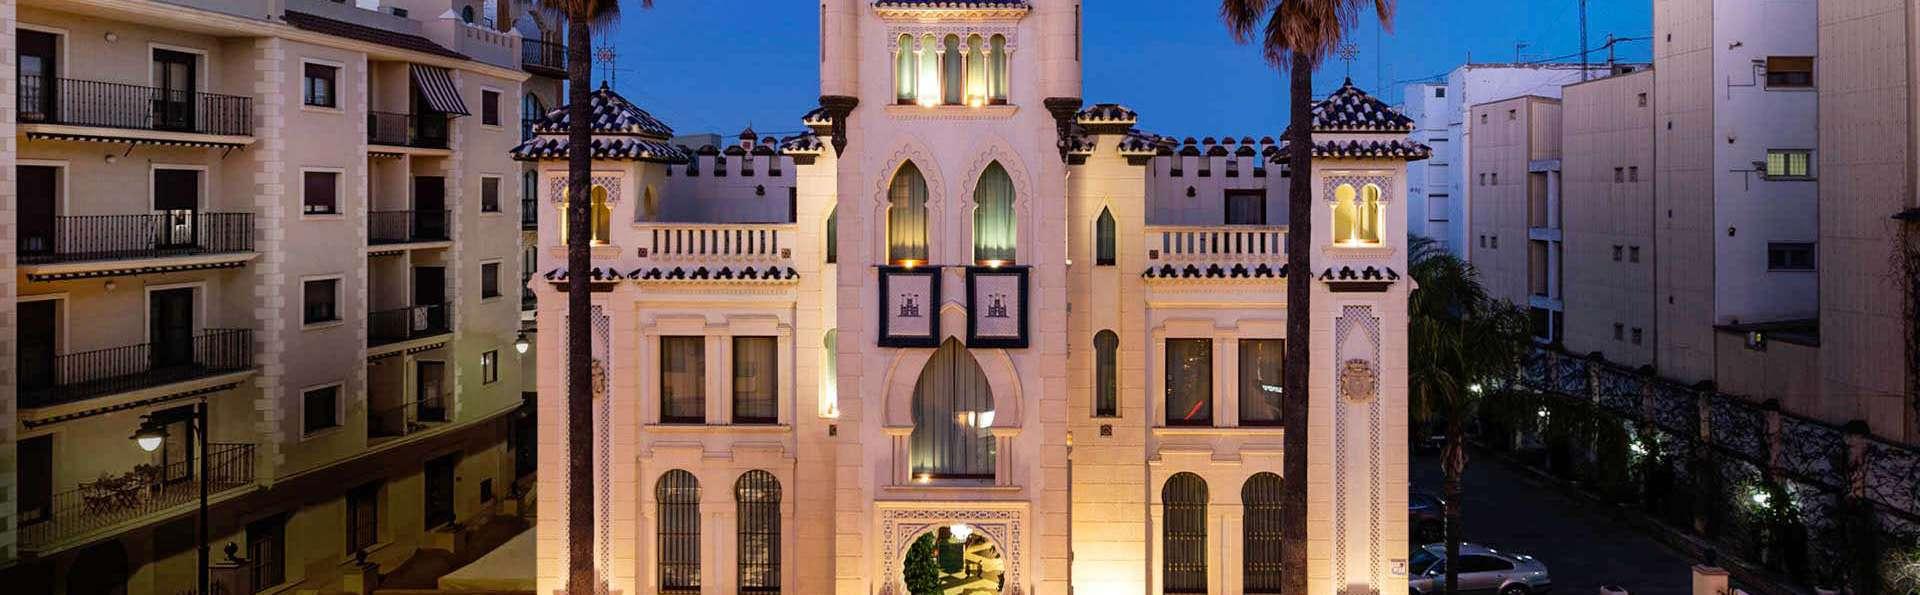 Hotel Kazar - kazar_genericos_0.jpg